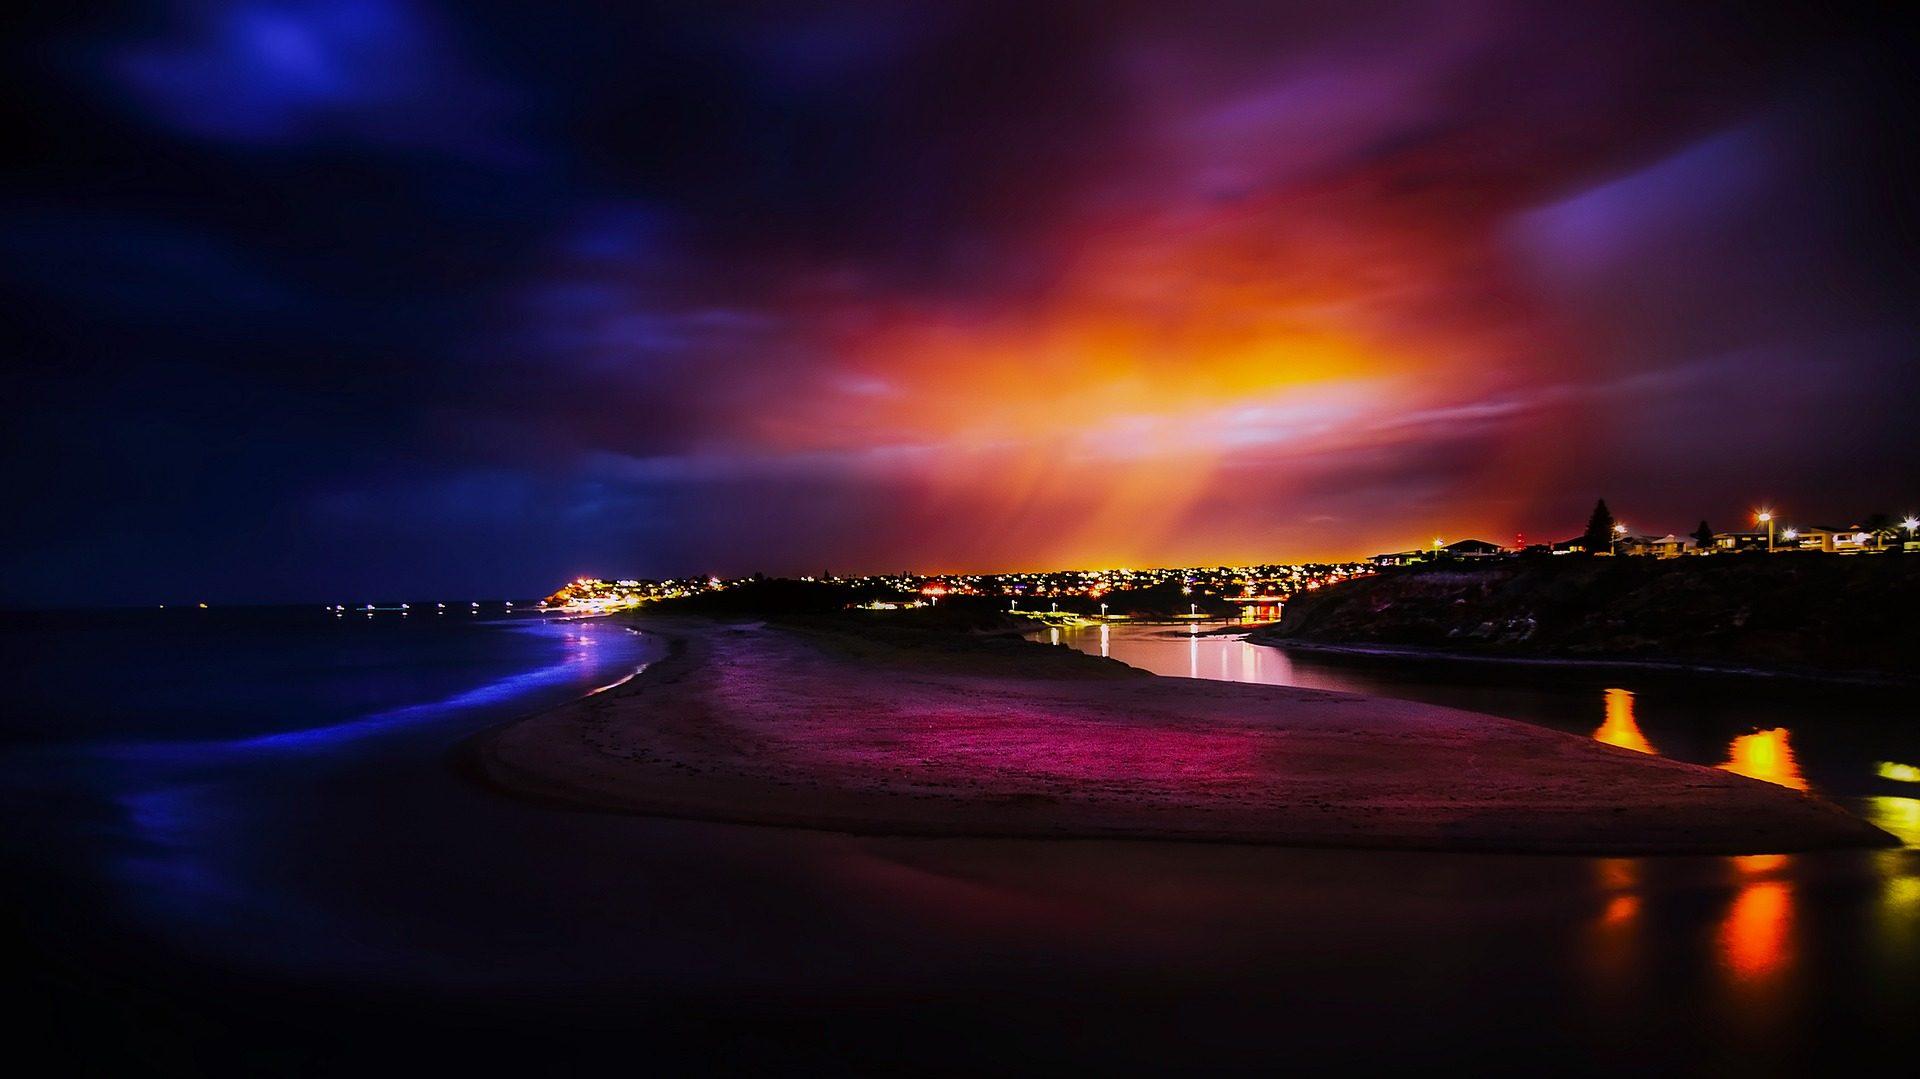 anochecer, ciudad, luces, lejanía, halos, cielo, colorido, nubes - Fondos de Pantalla HD - professor-falken.com